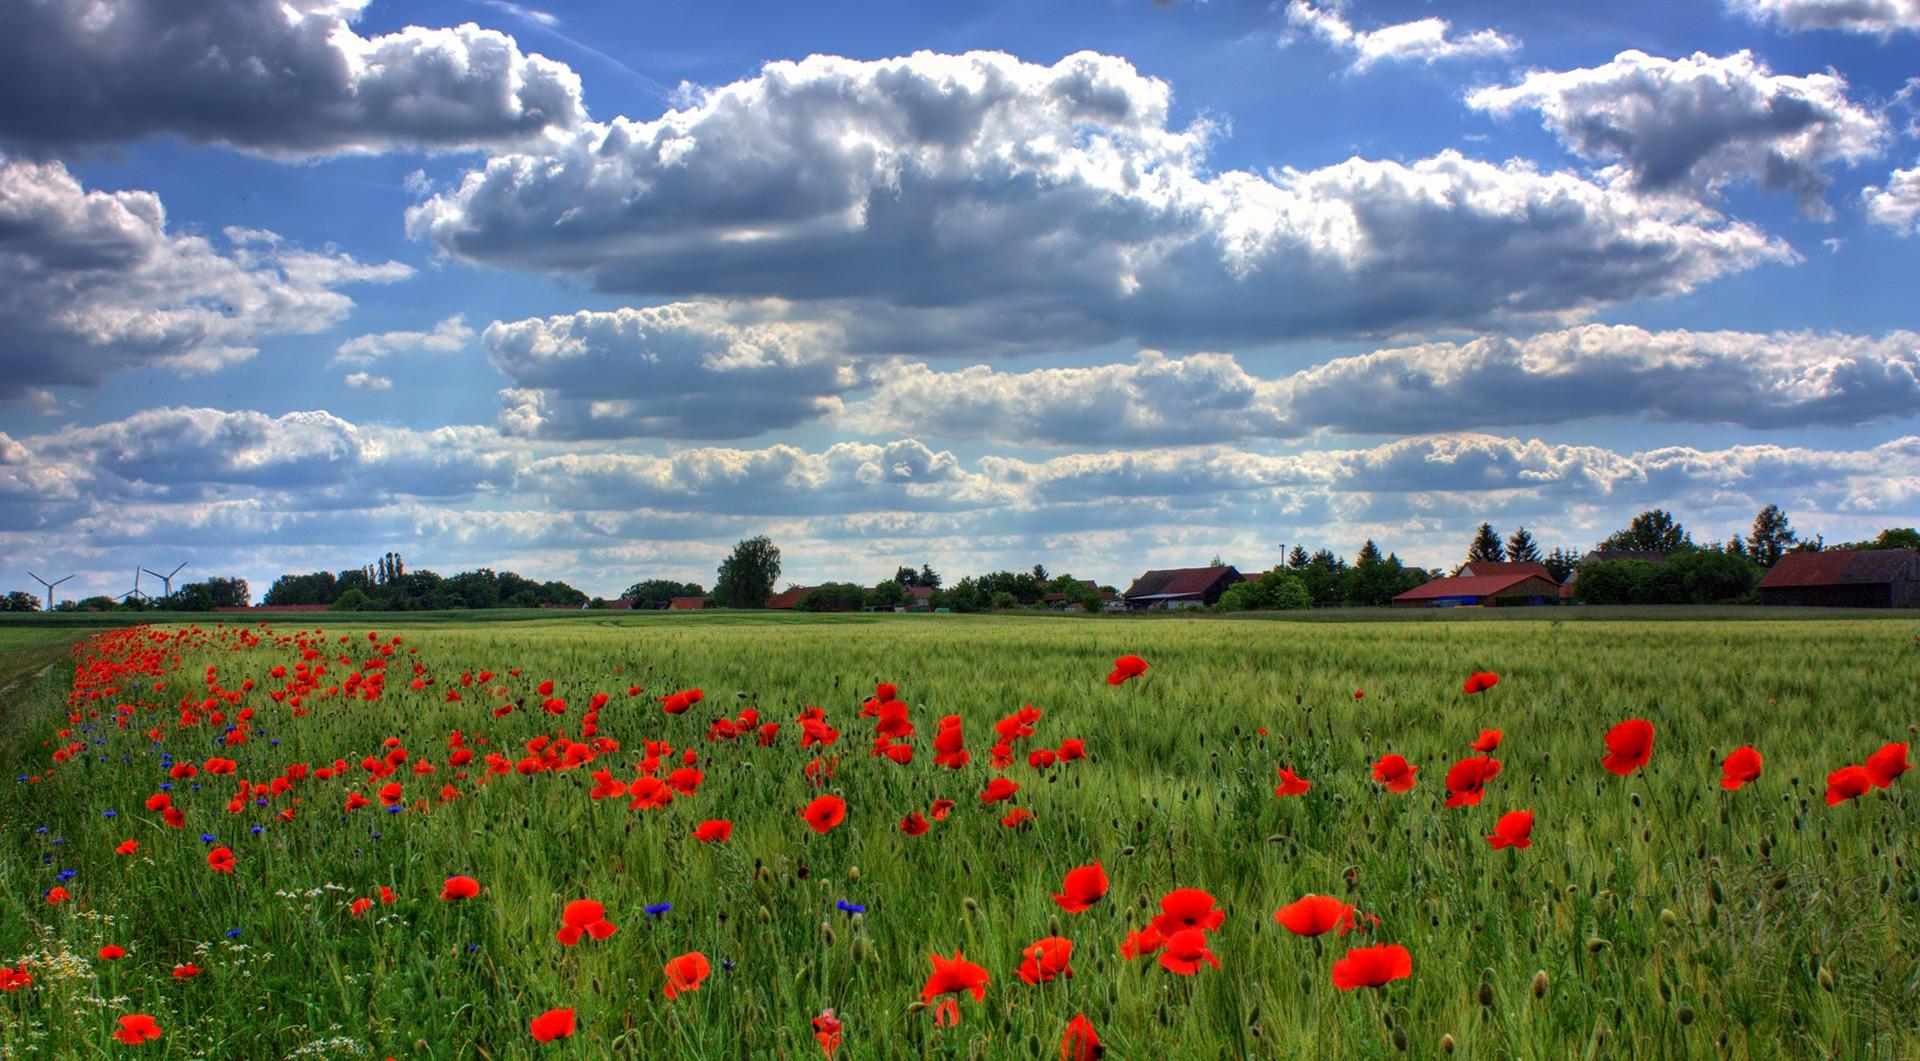 142152 скачать обои Природа, Бранденбург, Поле, Маки, Небо, Облака - заставки и картинки бесплатно